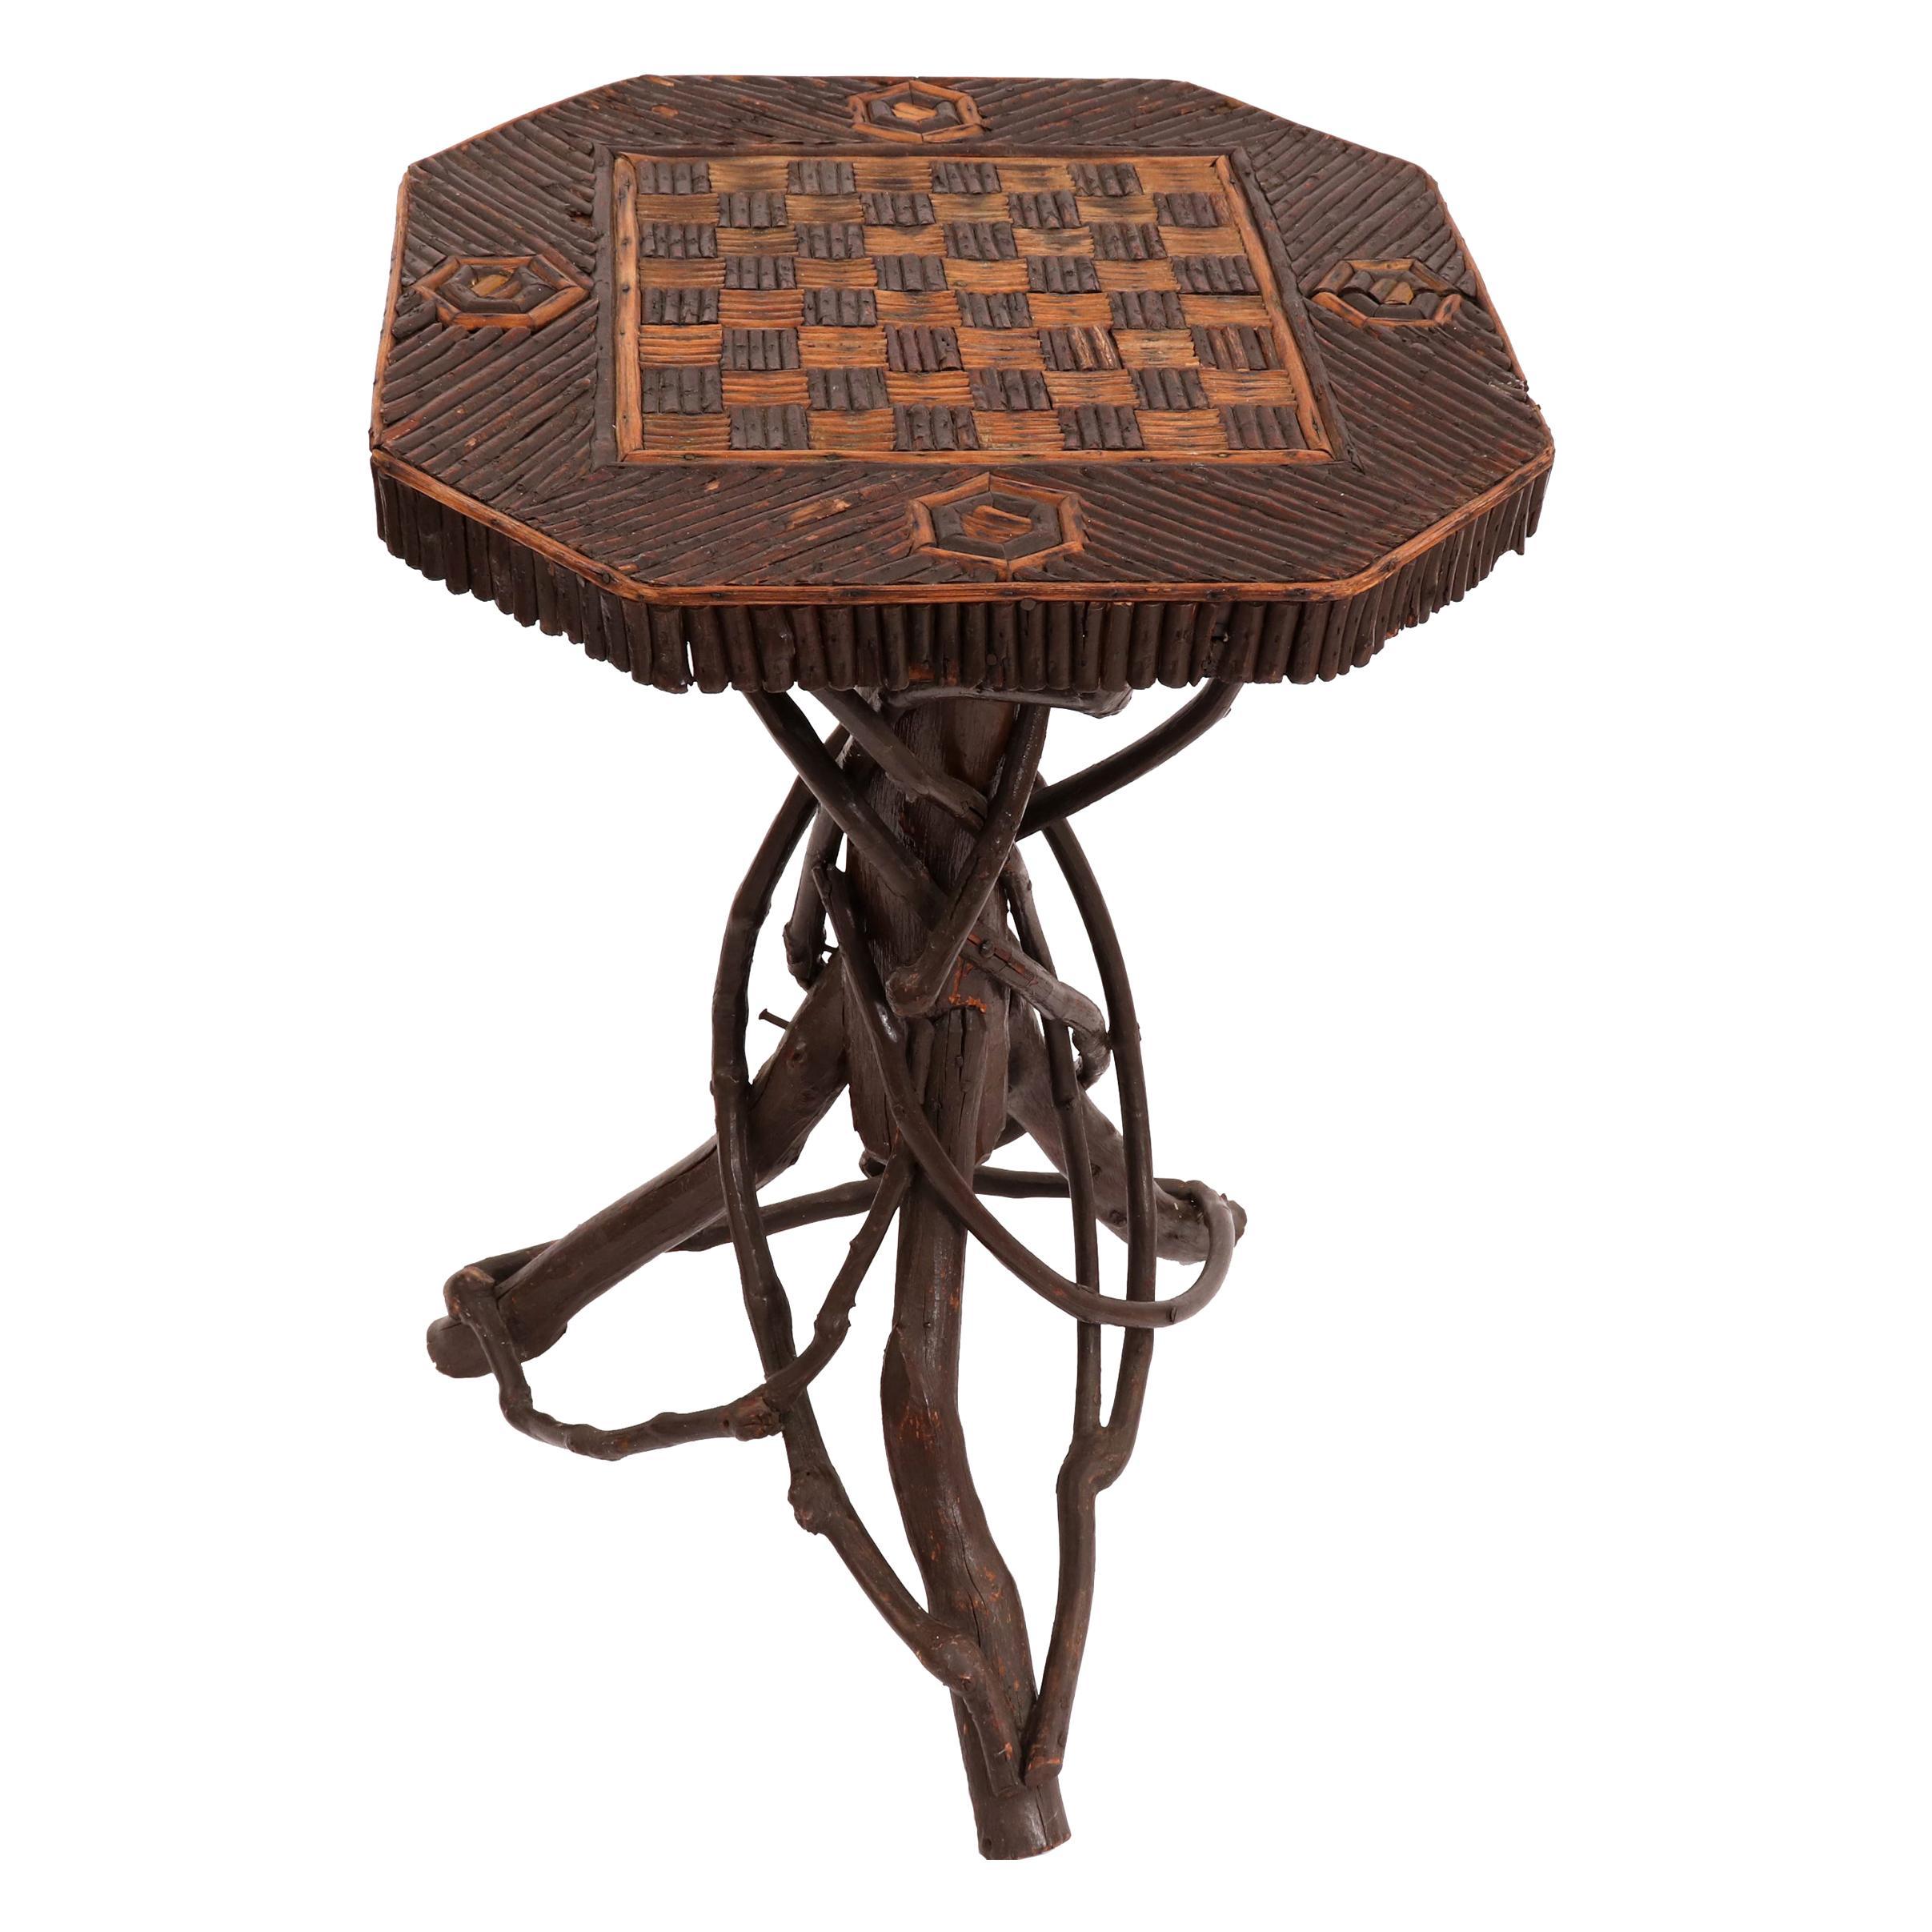 Rustic Adirondack Game Table